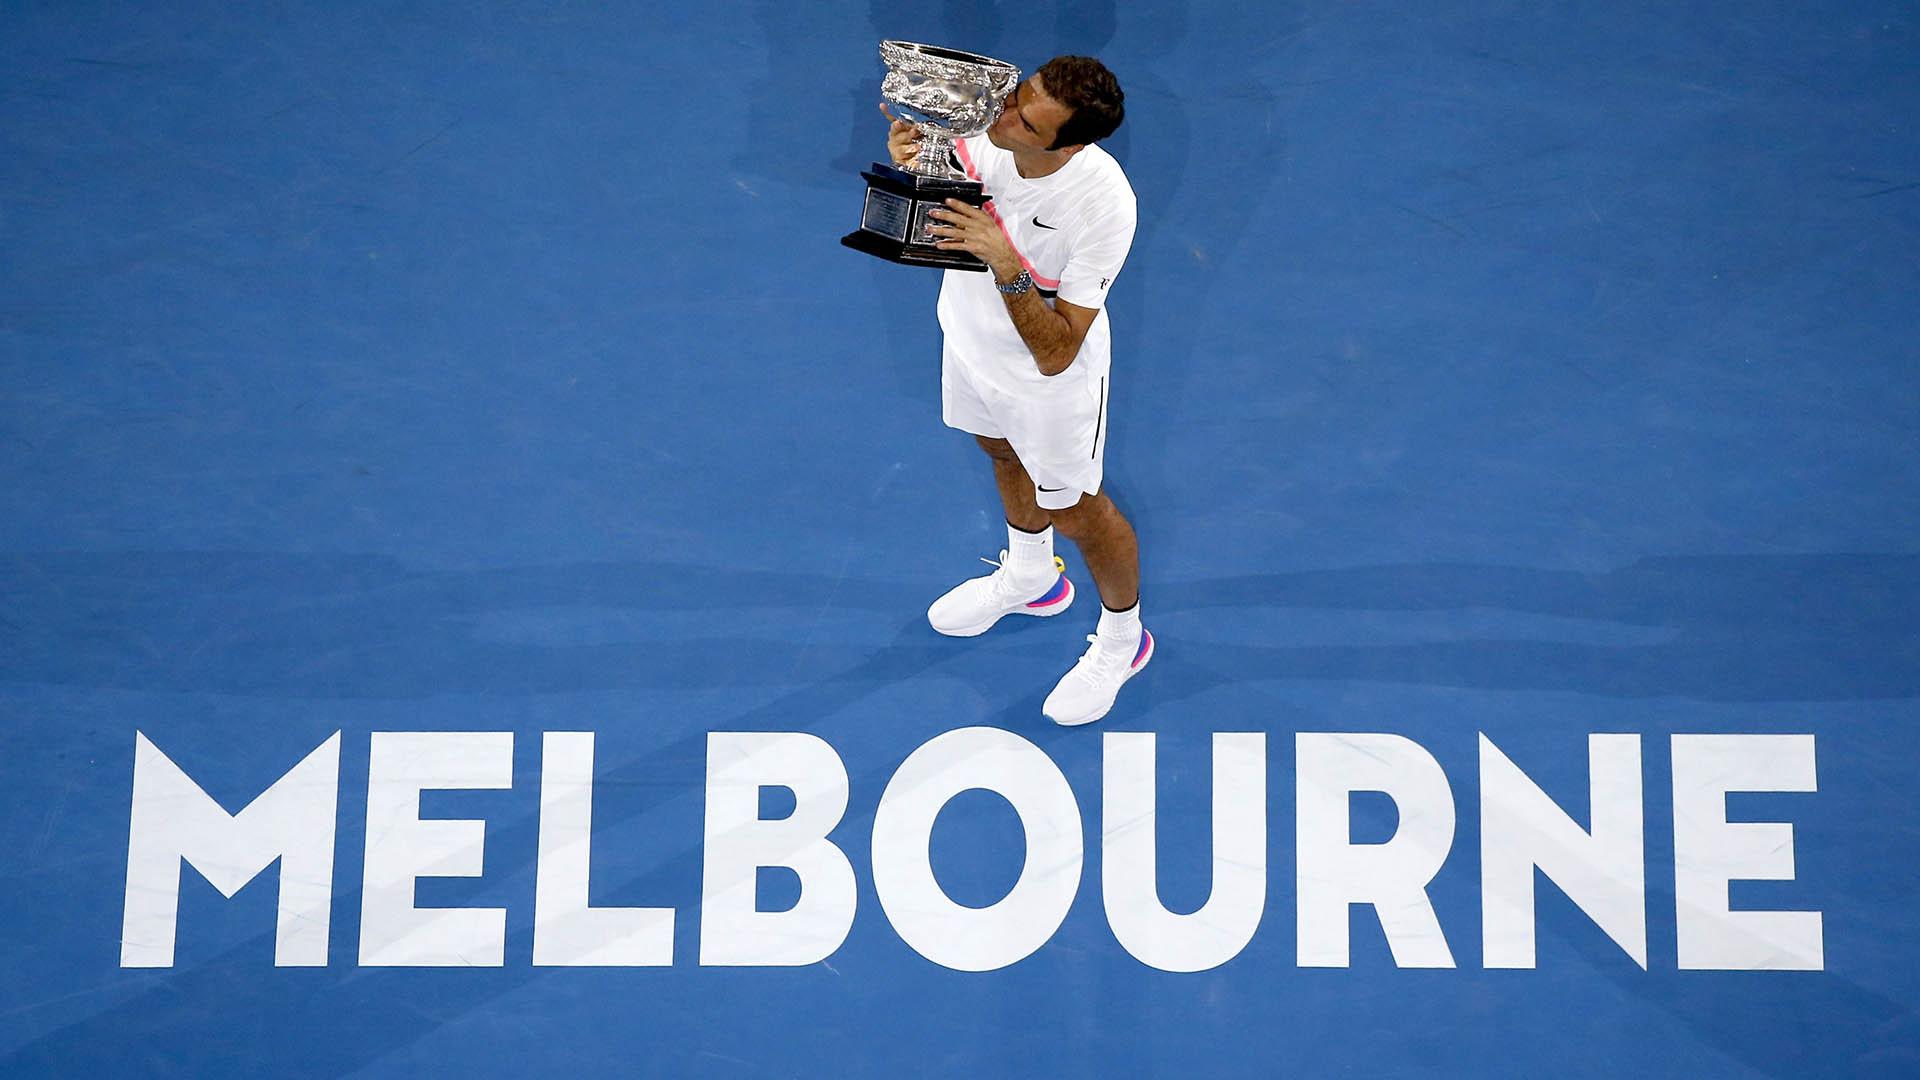 Roger Federer alza la copa del Abierto de Australia, en Sídney, el 28 de enero